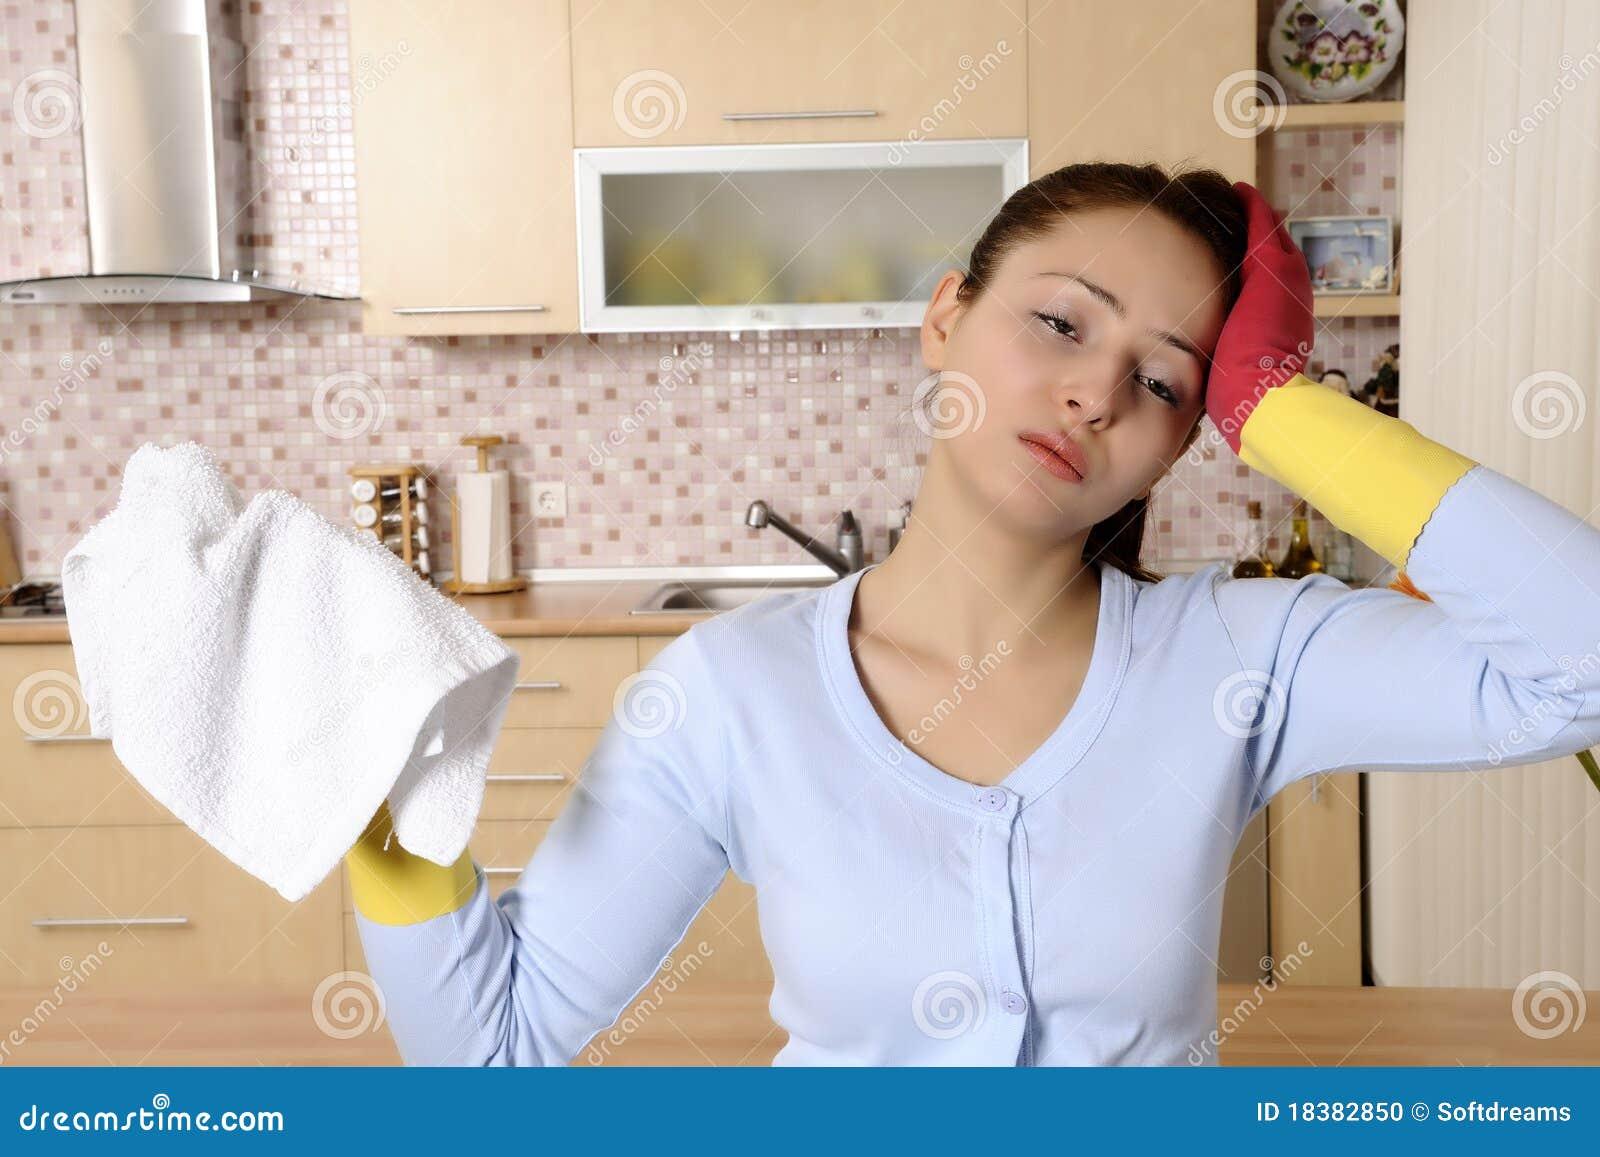 Mujeres hermosas cansadas despu s de limpiar la casa foto - Limpiar la casa ...